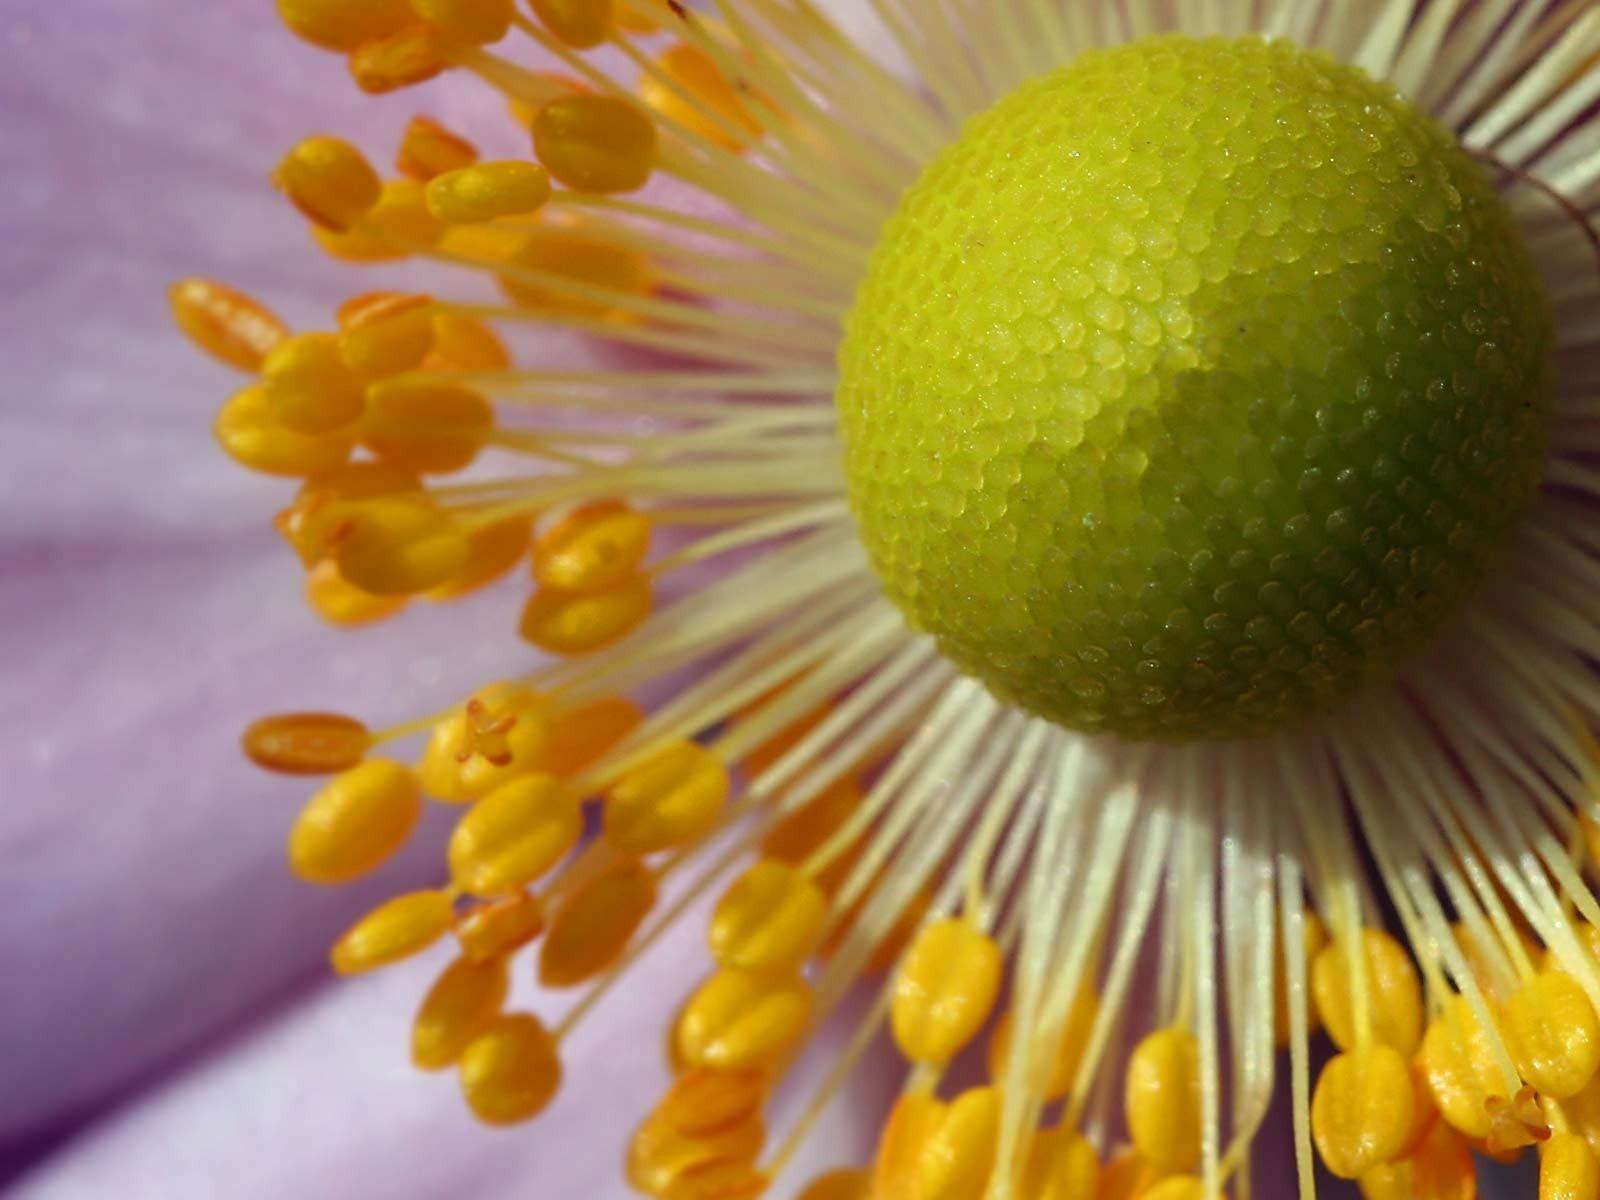 некоторых пыльца цветов фото тогда смогли